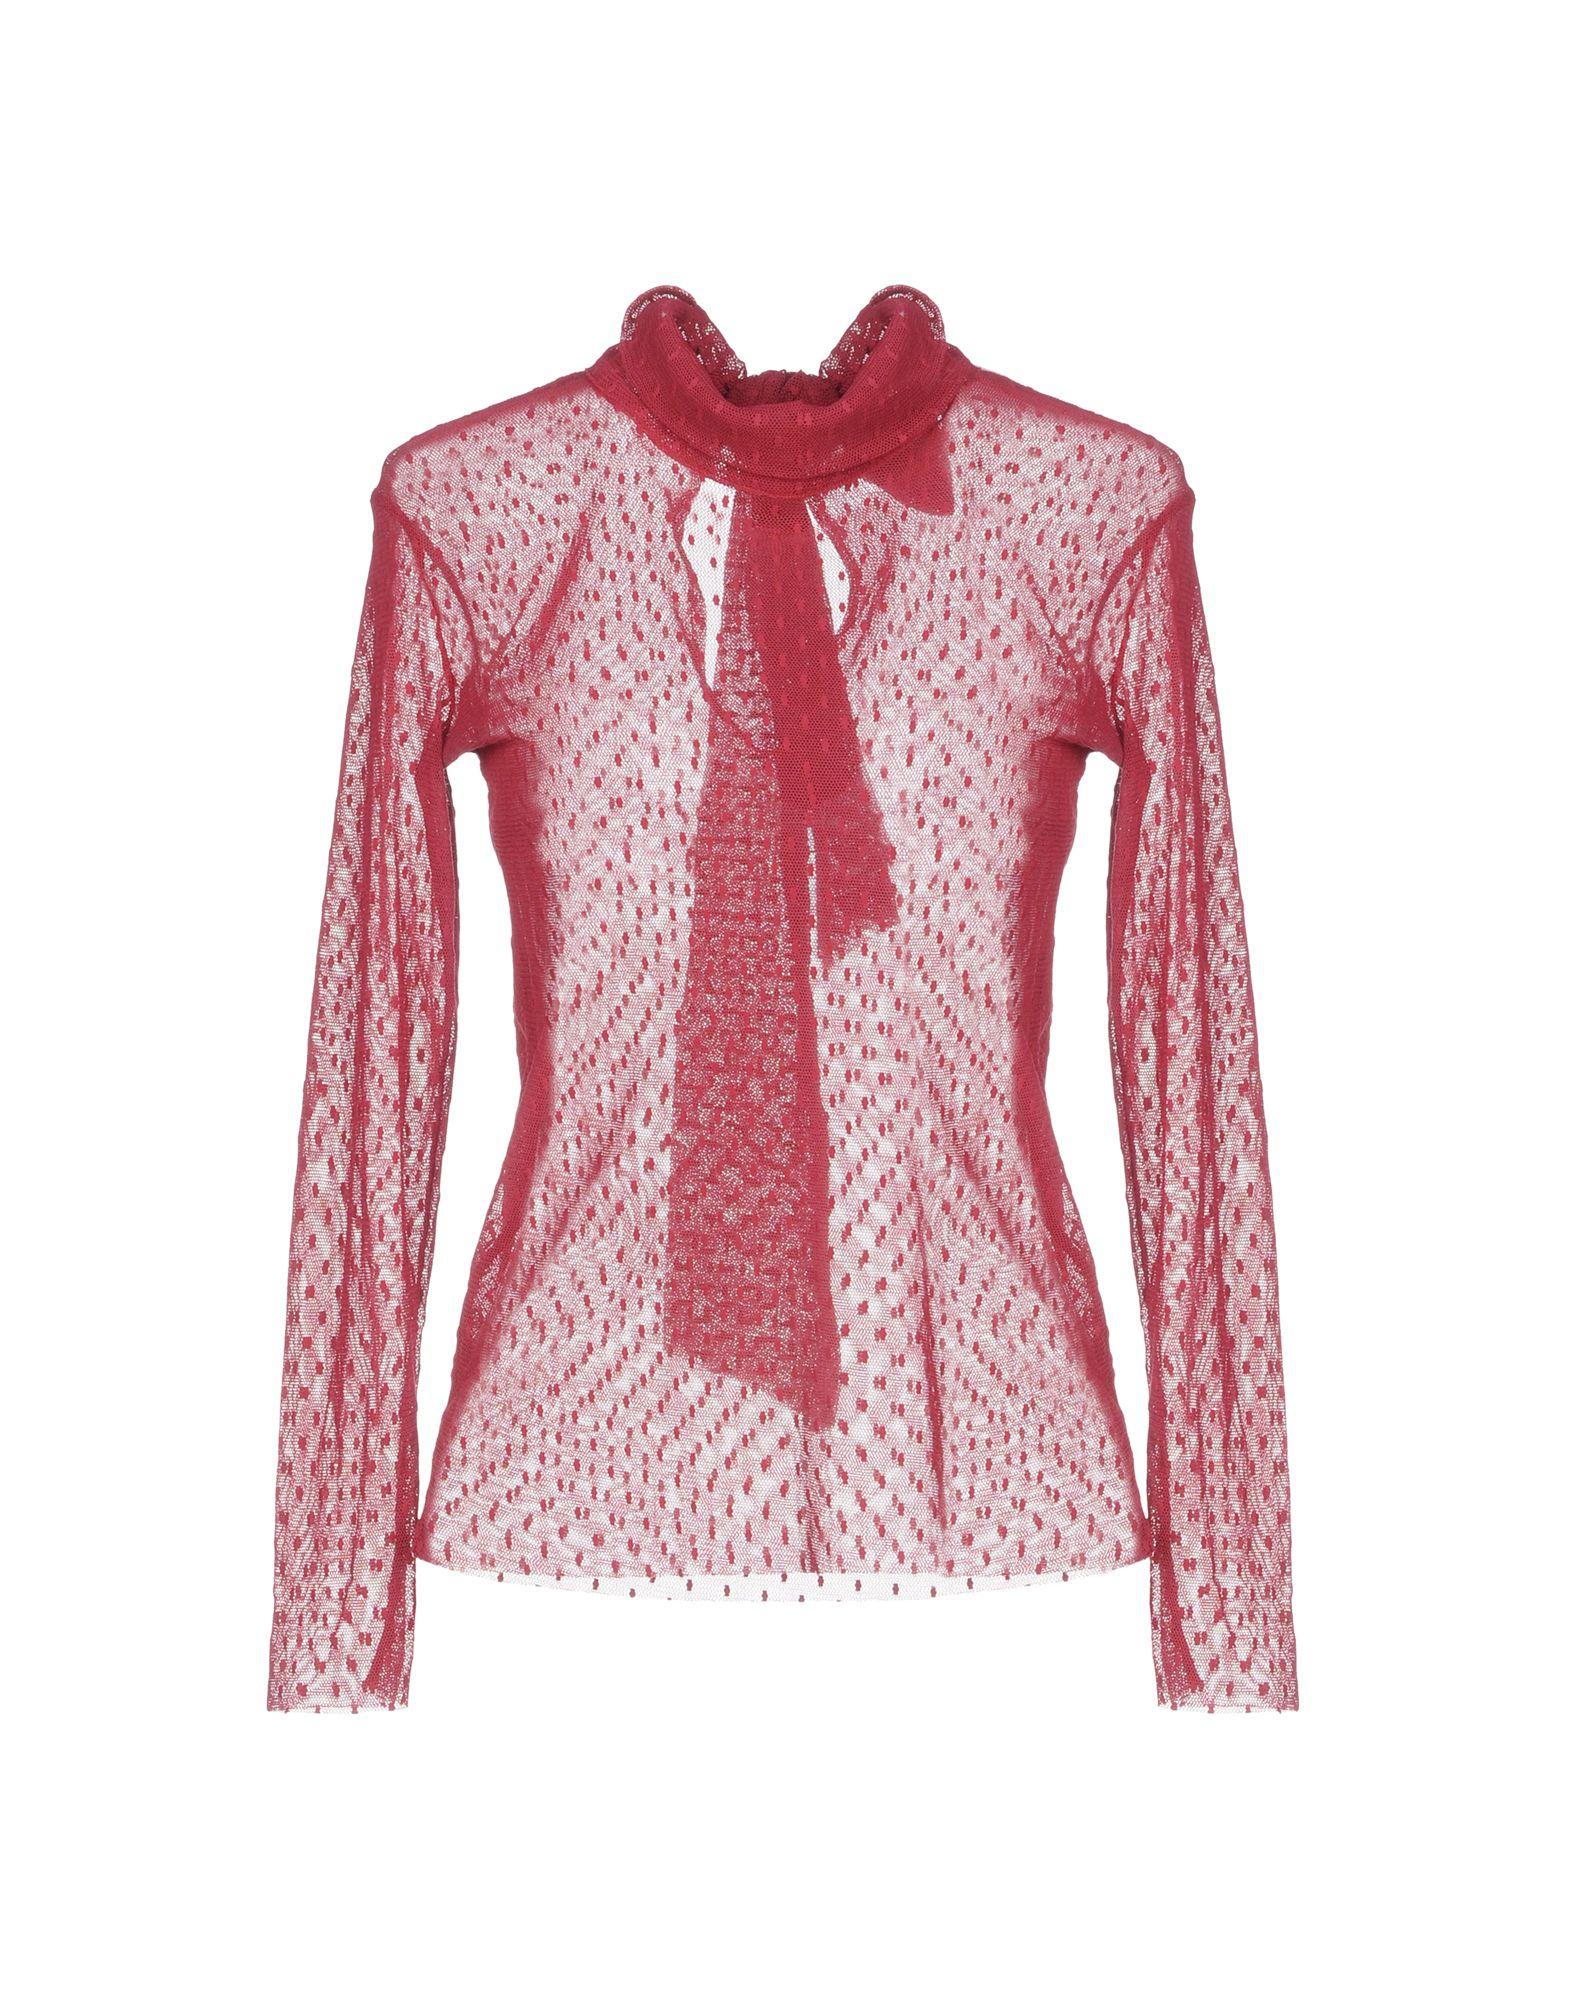 где купить CHILI PEPPERS Блузка по лучшей цене